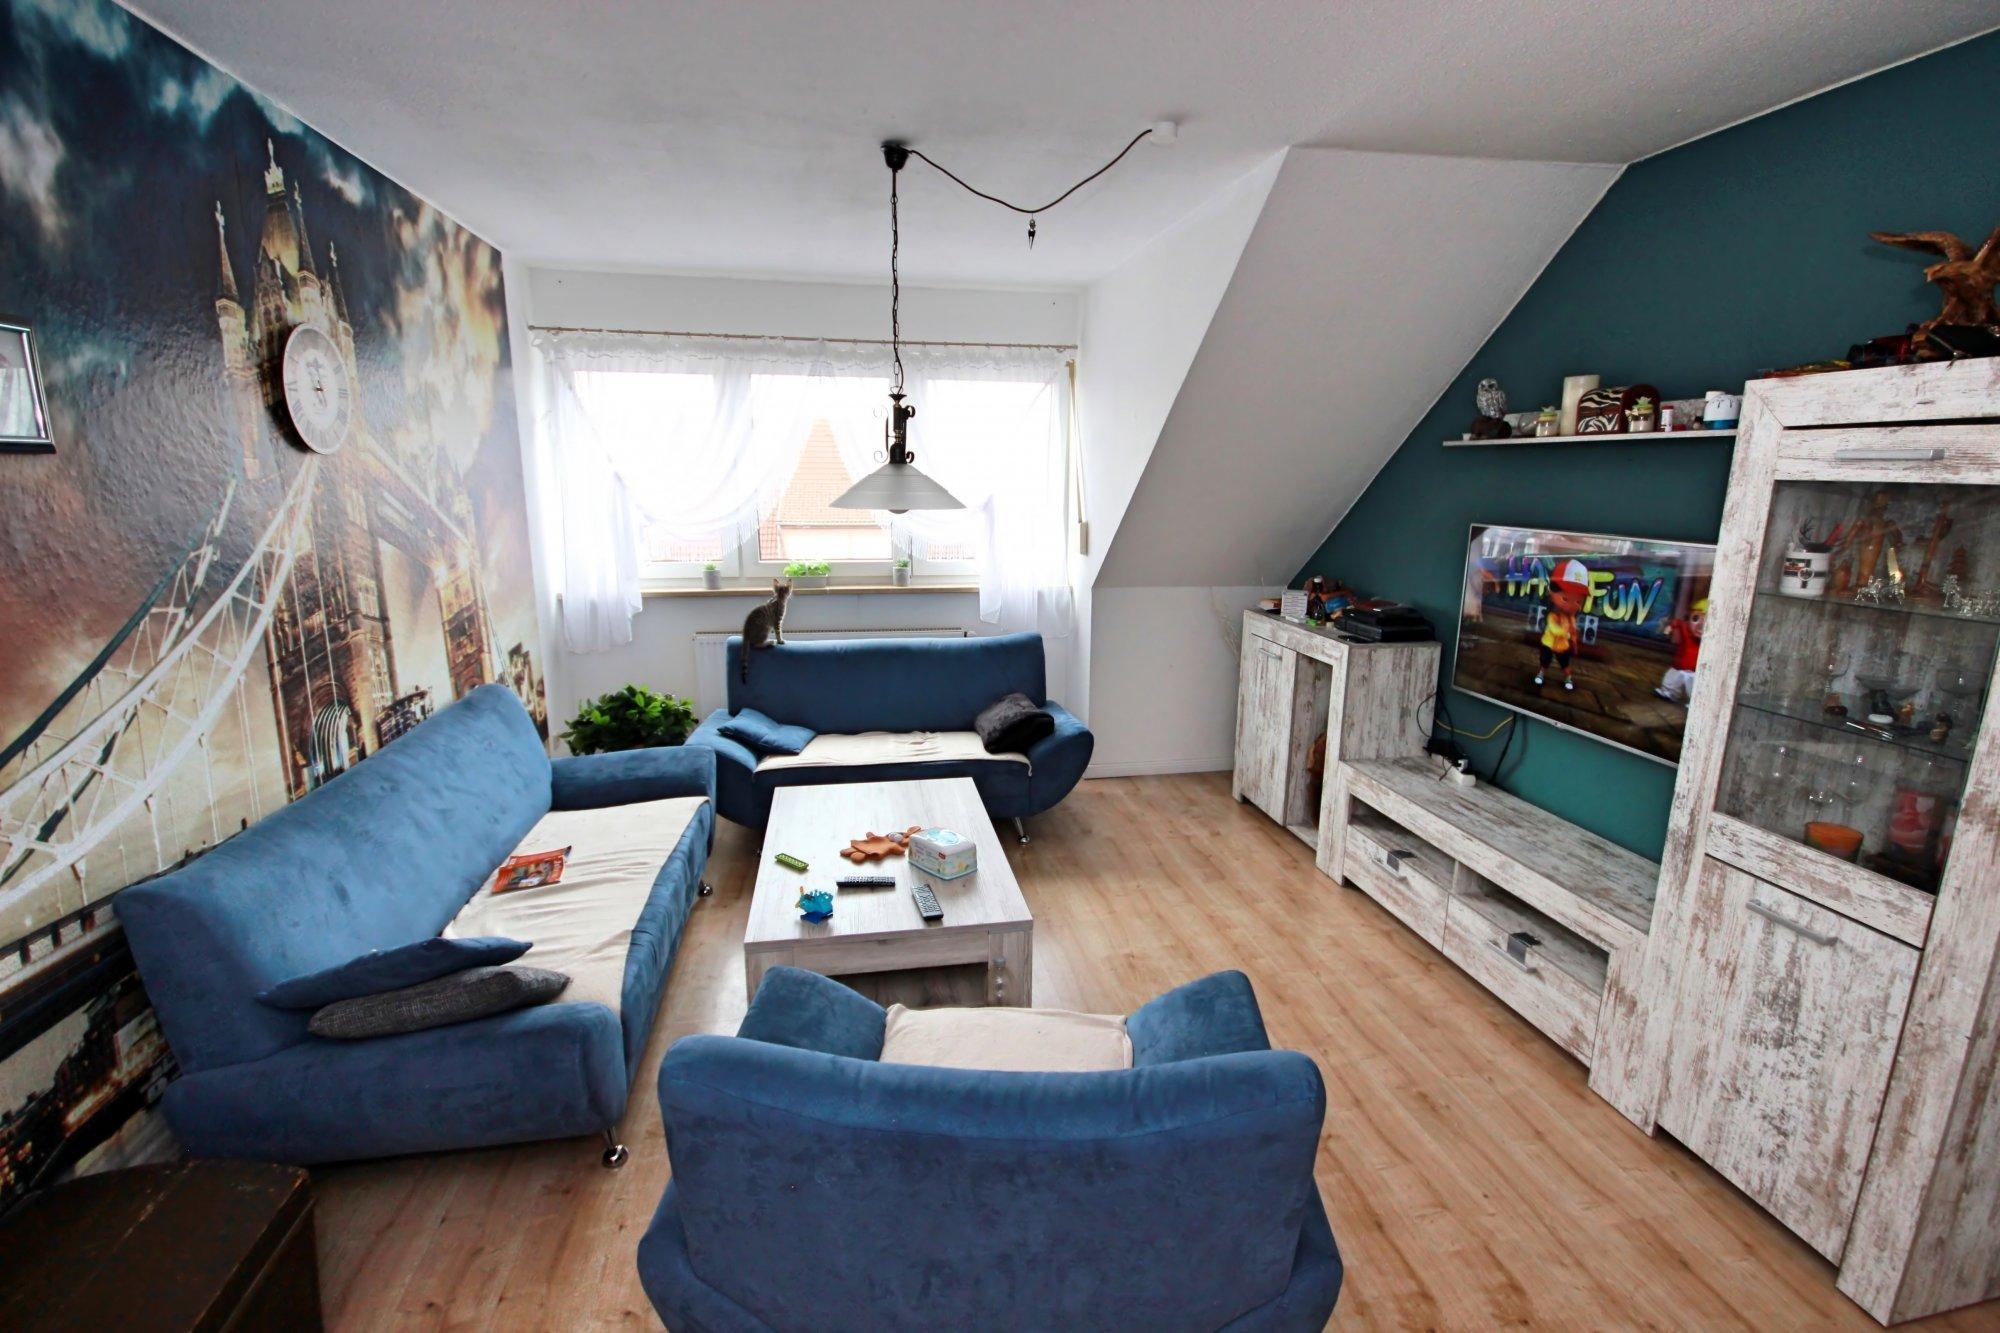 Viel Platz im Wohnzimmer